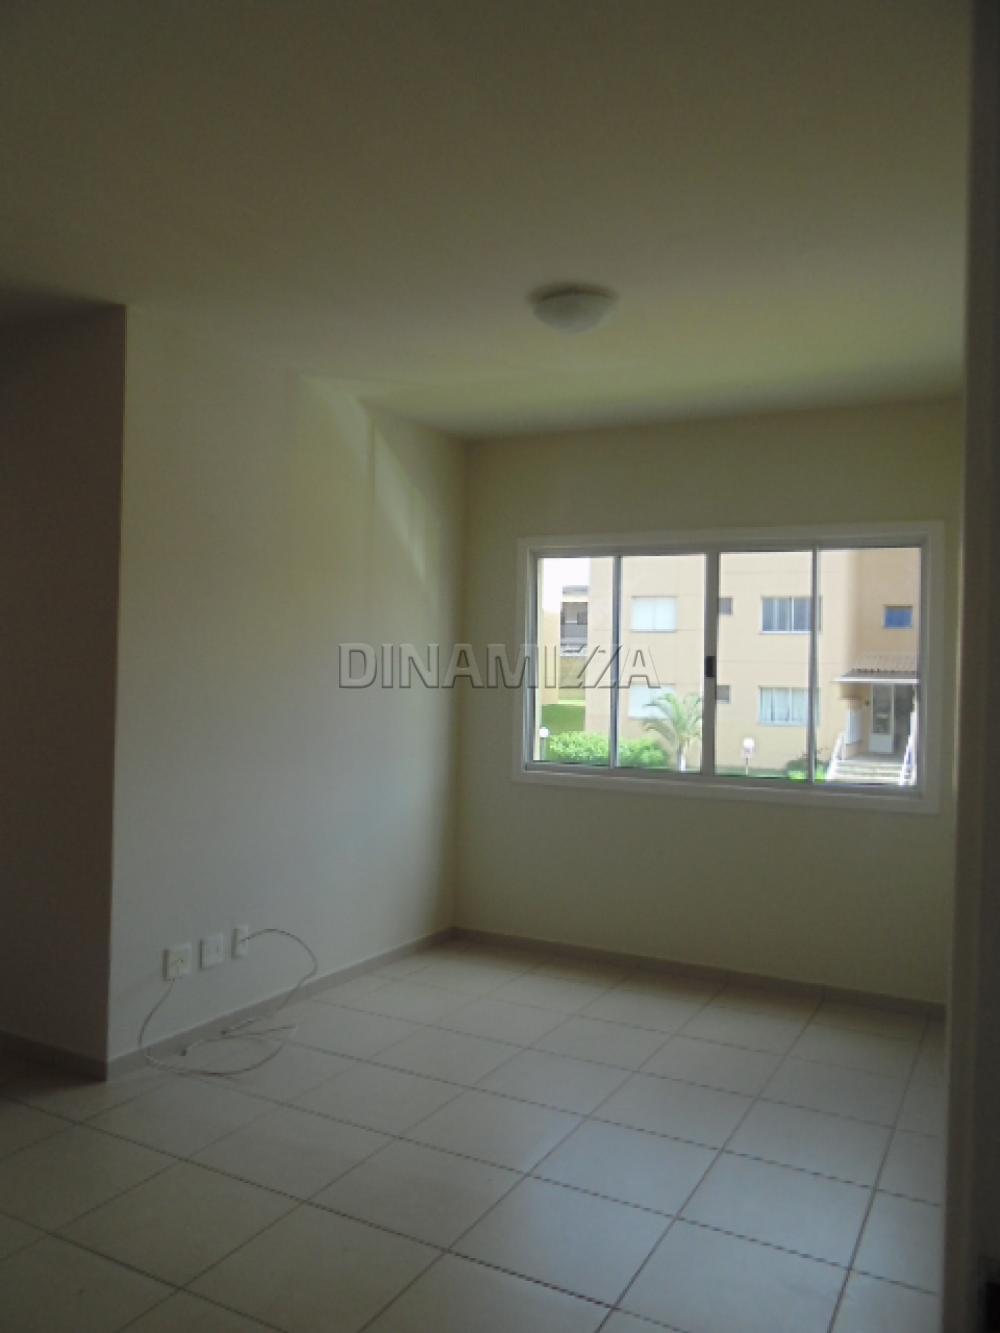 Alugar Apartamento / Padrão em Uberaba apenas R$ 850,00 - Foto 4